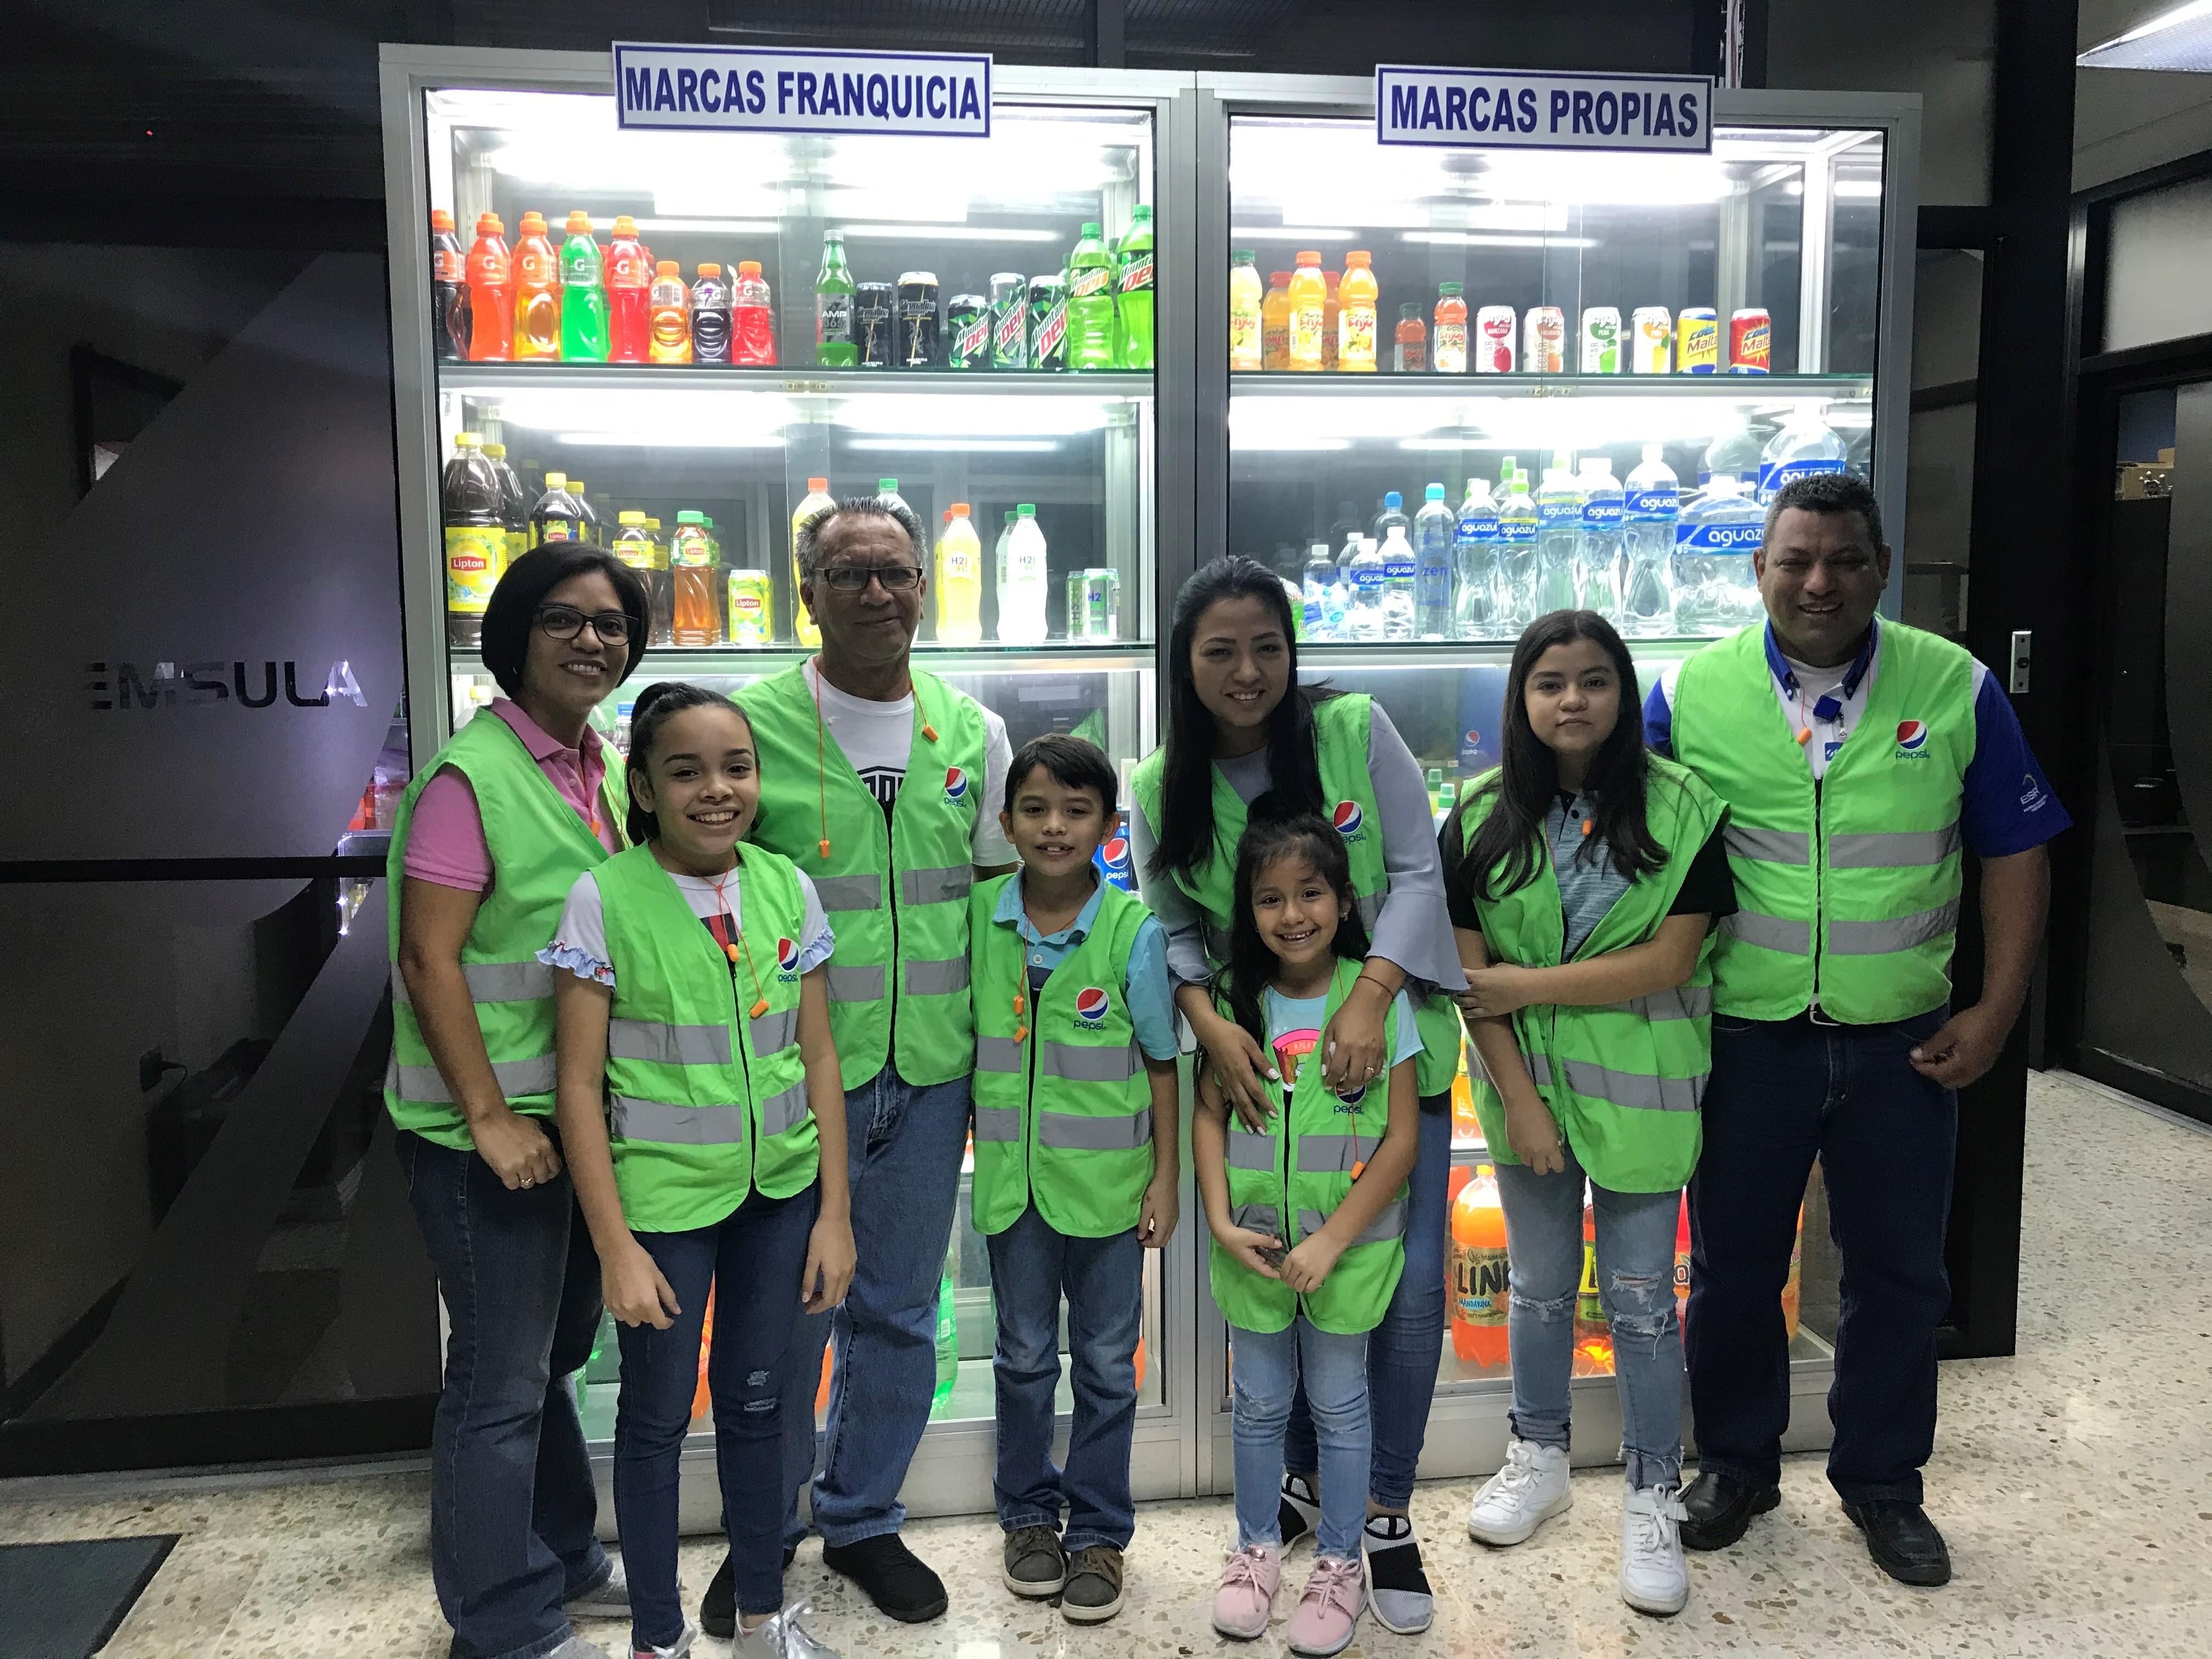 Familia de empleados Emsula